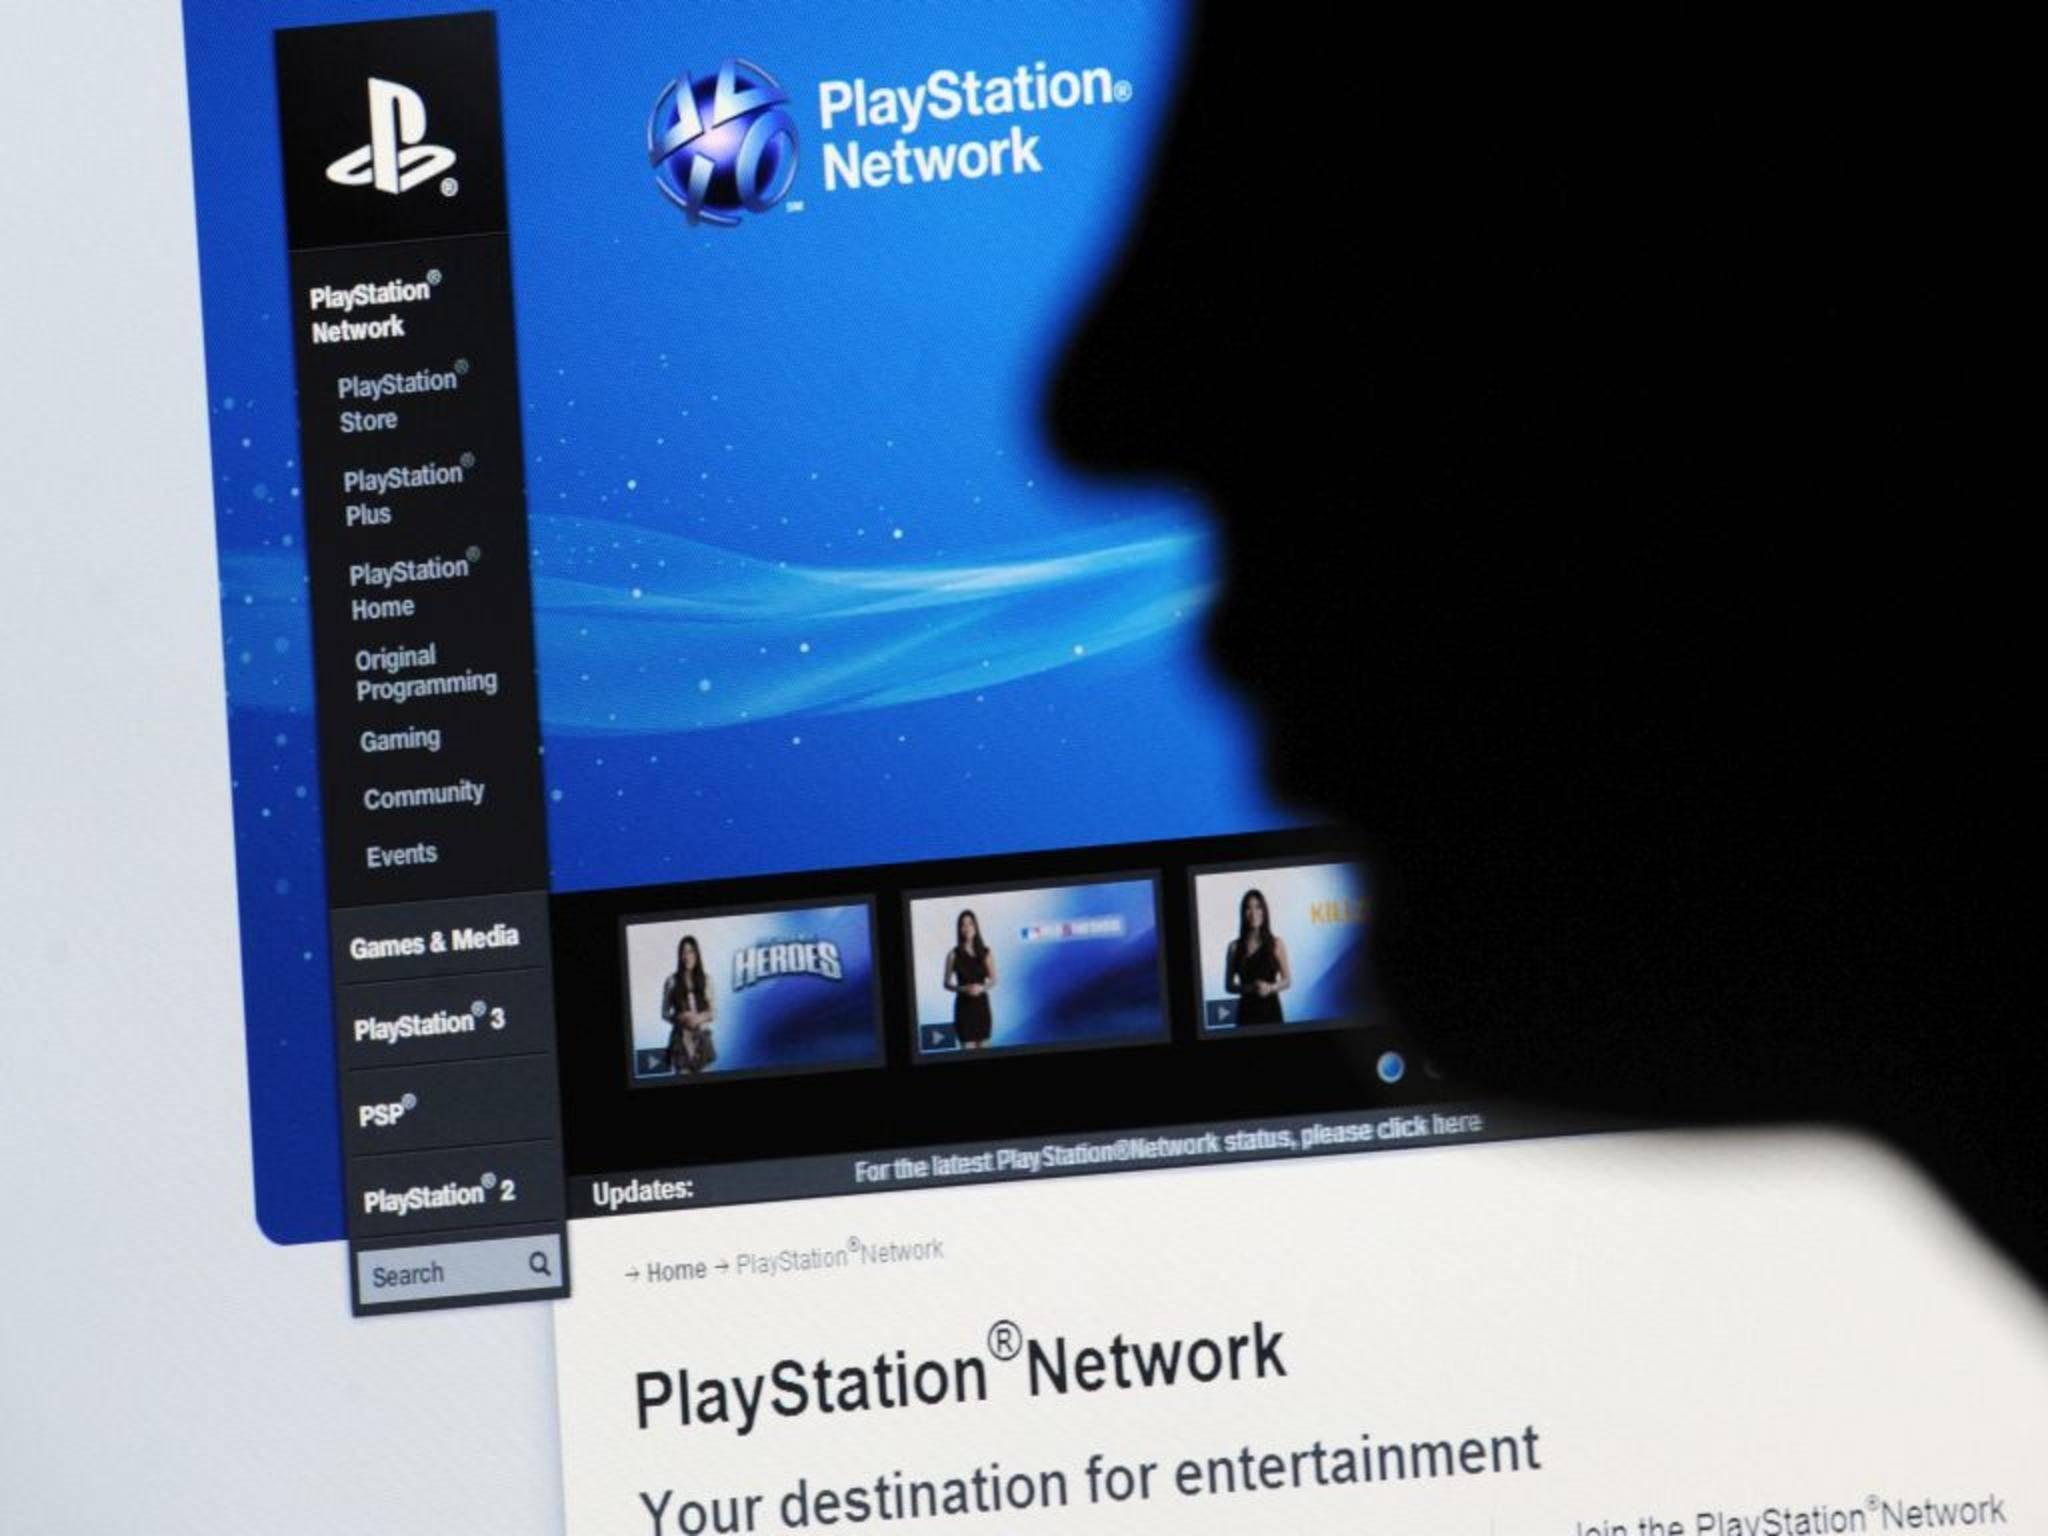 Endlich nicht mehr von den Eltern beschattet: Jetzt ist das Upgrade auf ein Hauptkonto im PlayStation Network möglich.